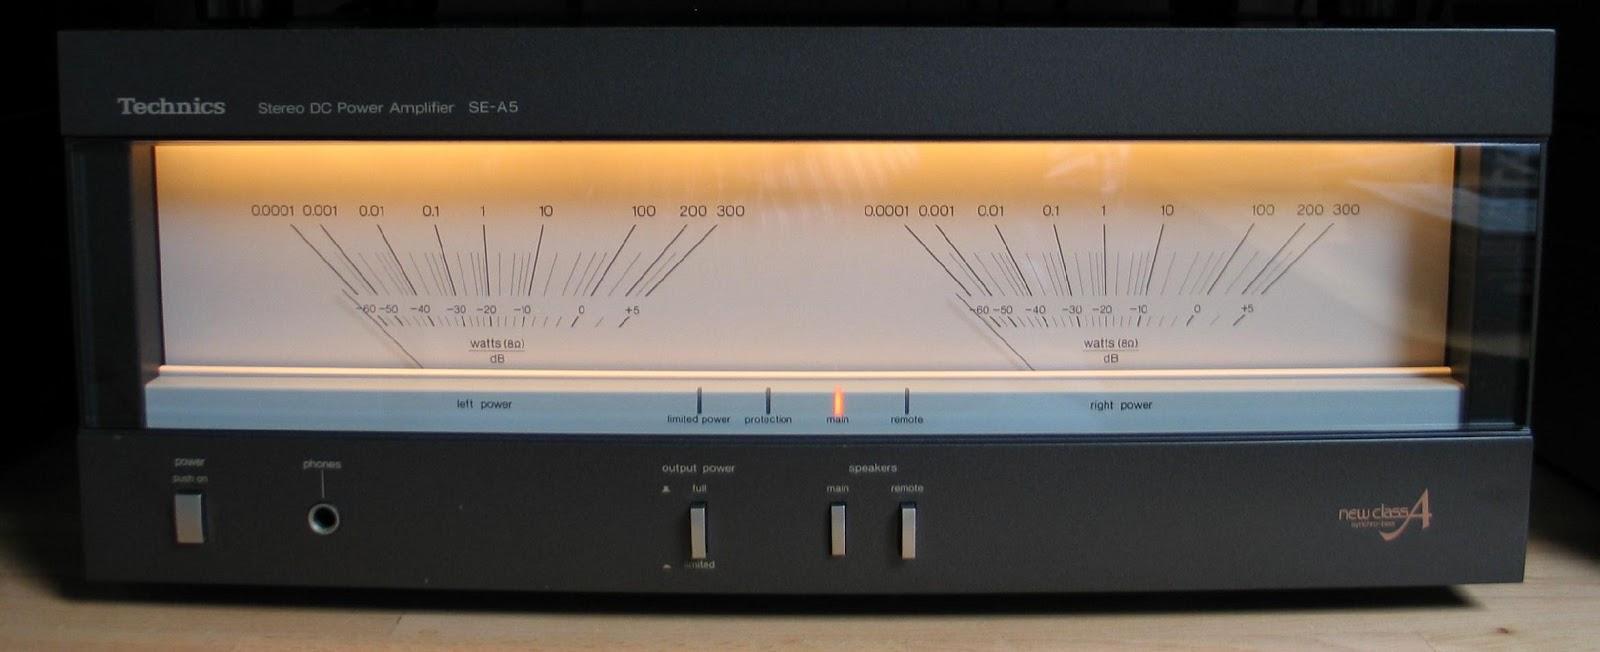 0-200 моделей Hi-Fi